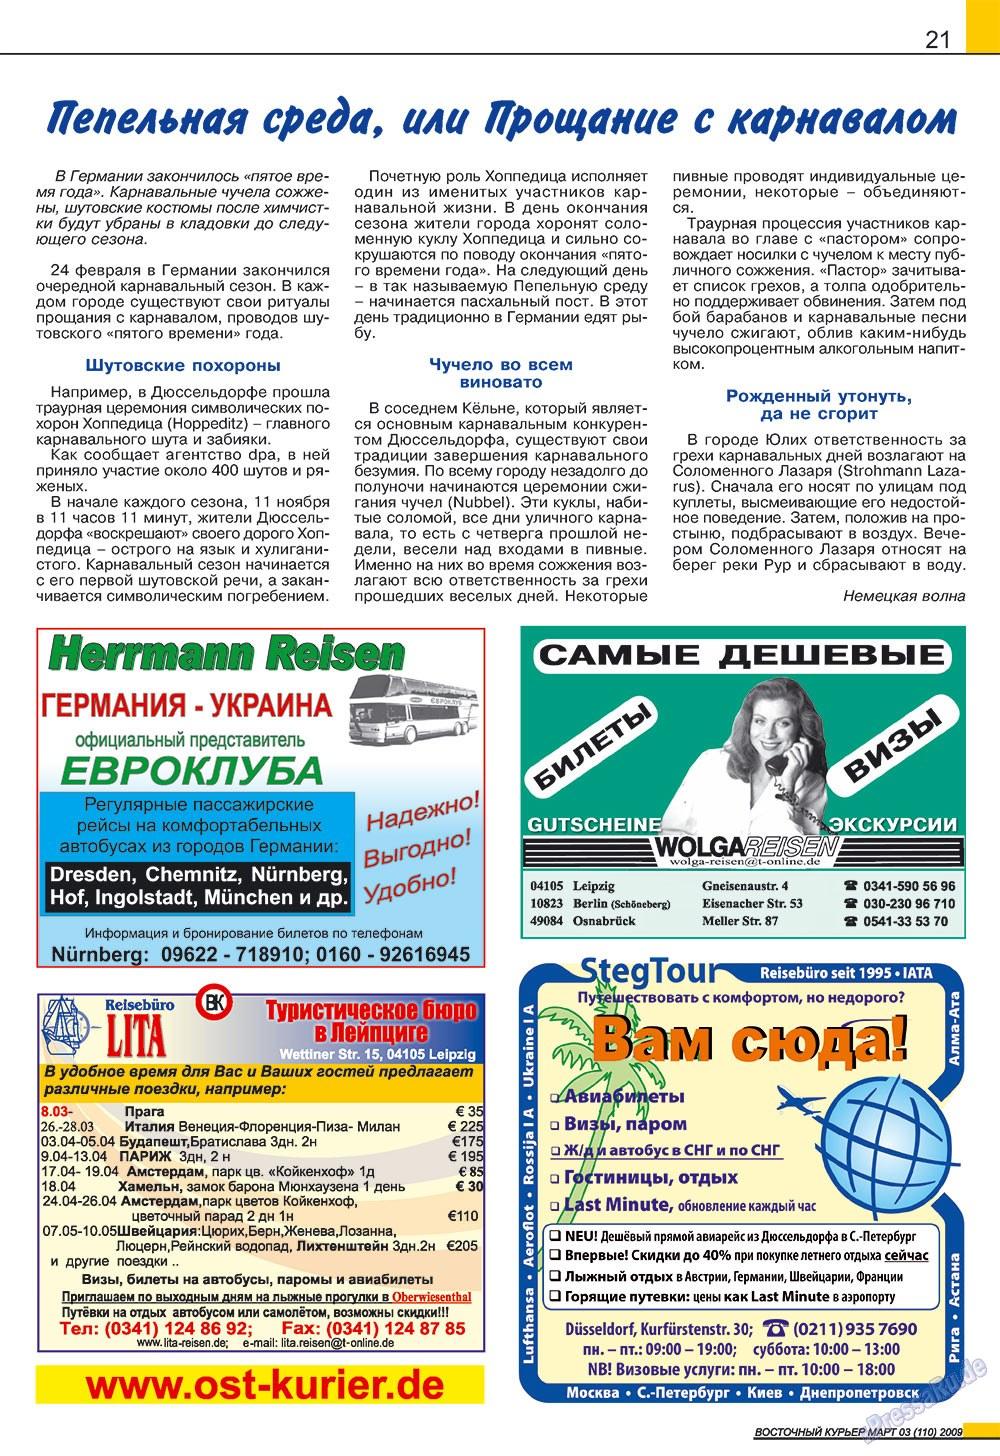 Восточный курьер (журнал). 2009 год, номер 3, стр. 21